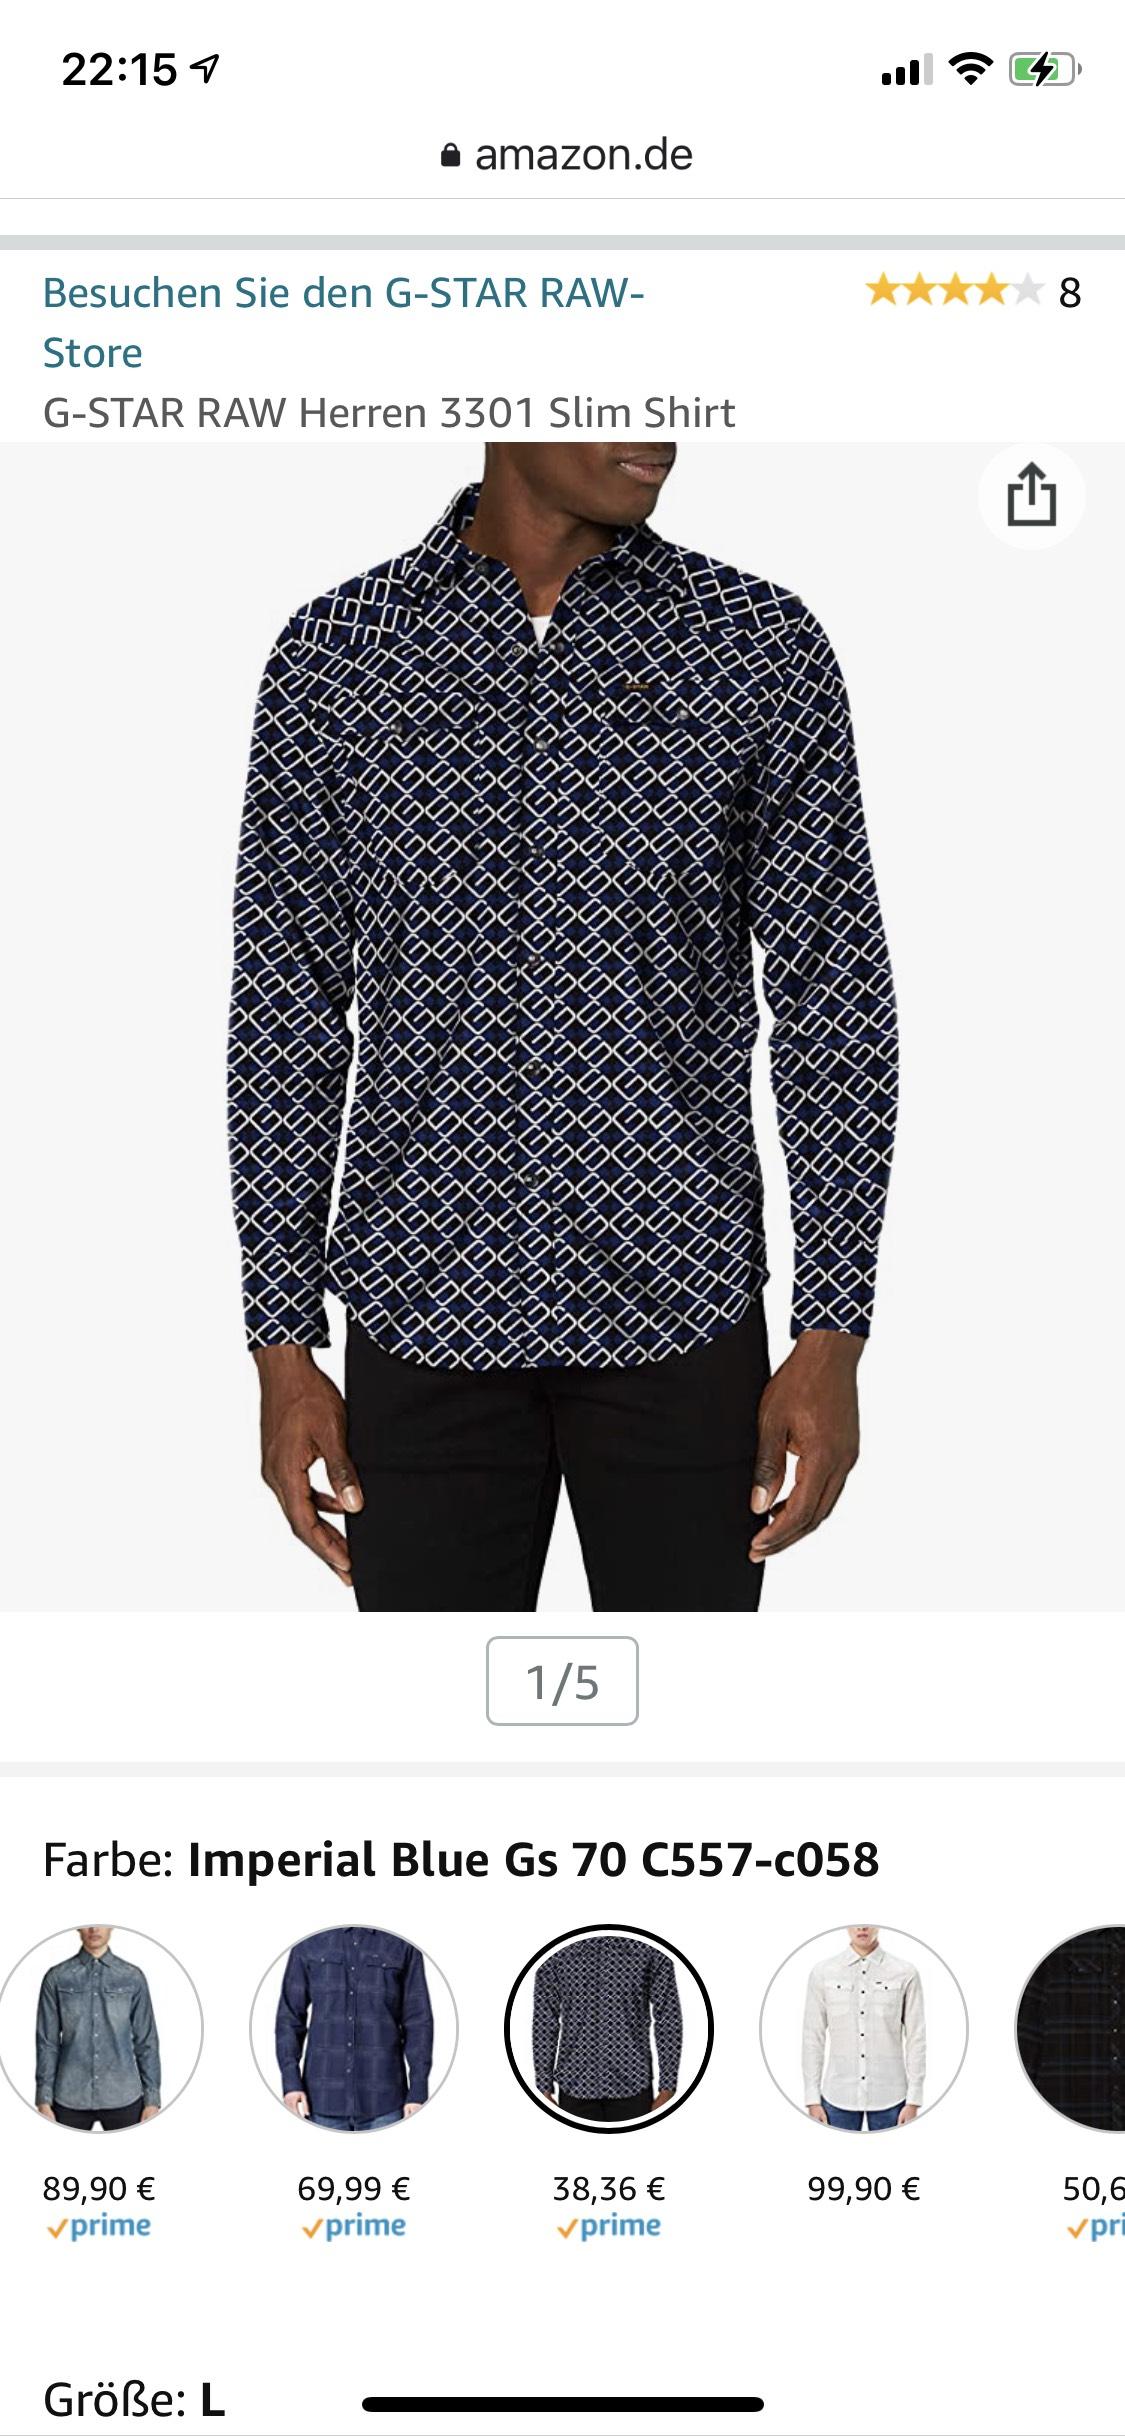 G-star RAW 3301 overhemd slim fit (maat S, maat M iets duurder